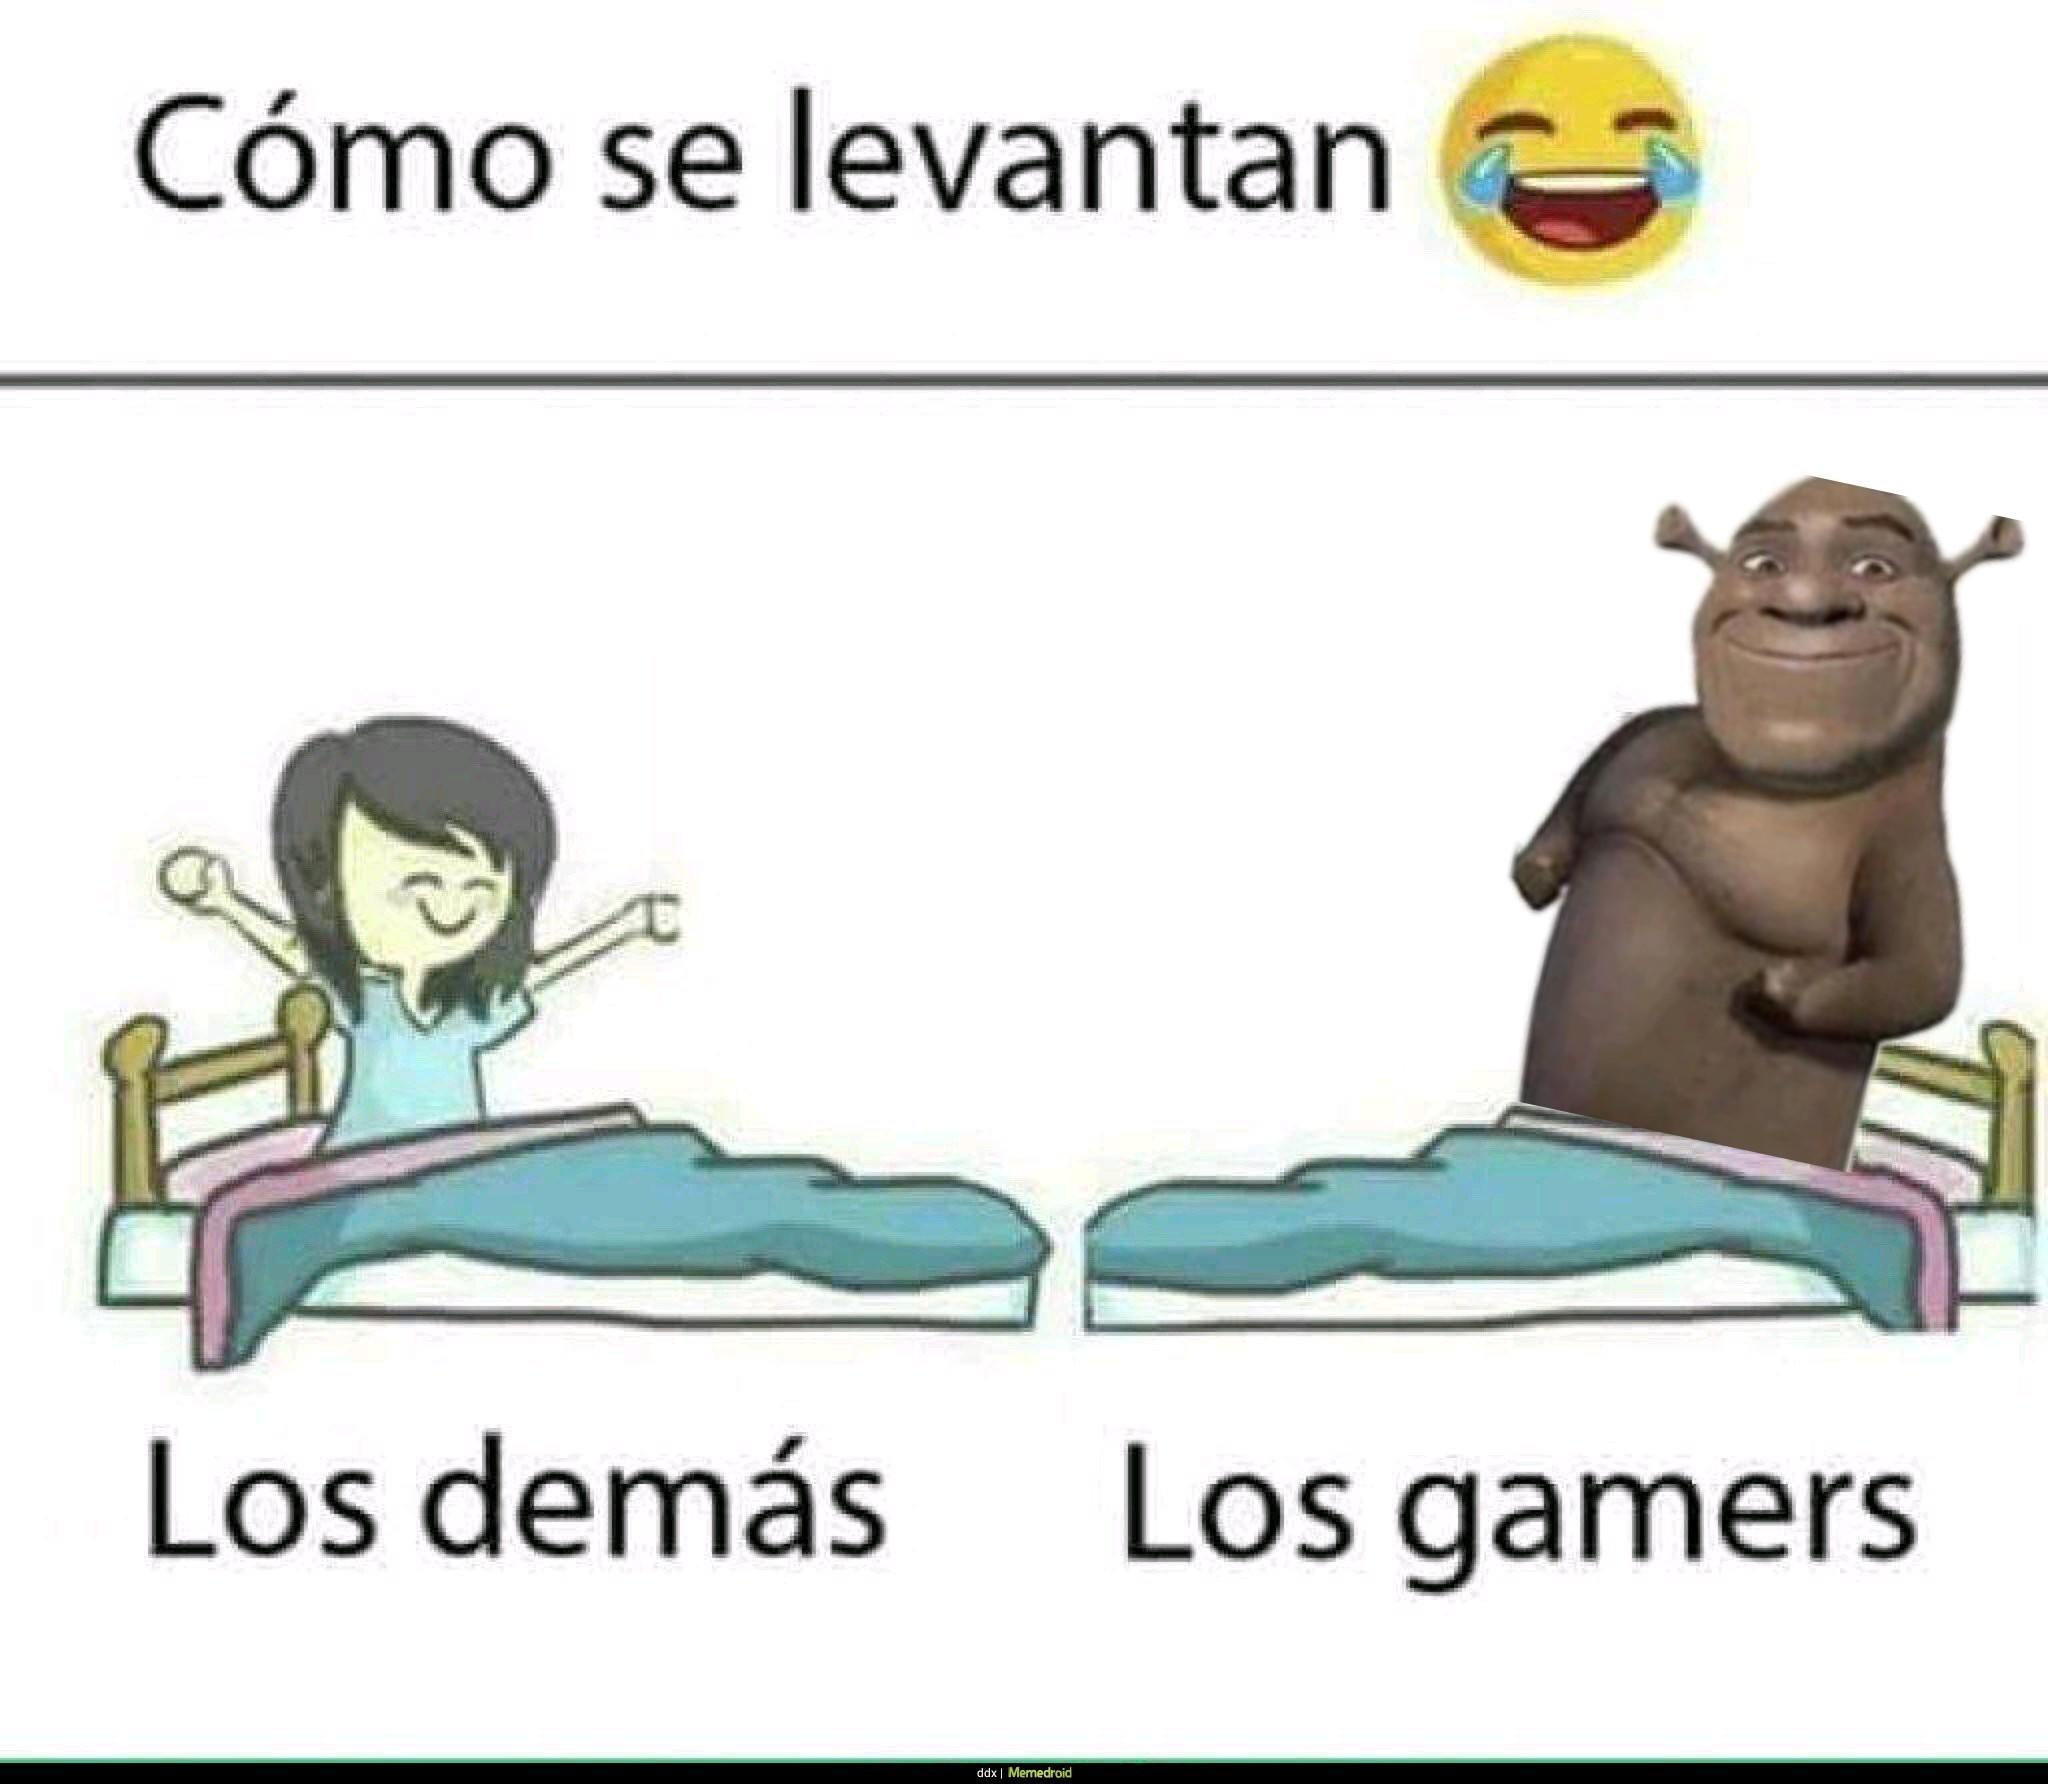 Gamers ¿Podemos llegar a 15.000 likes? - meme